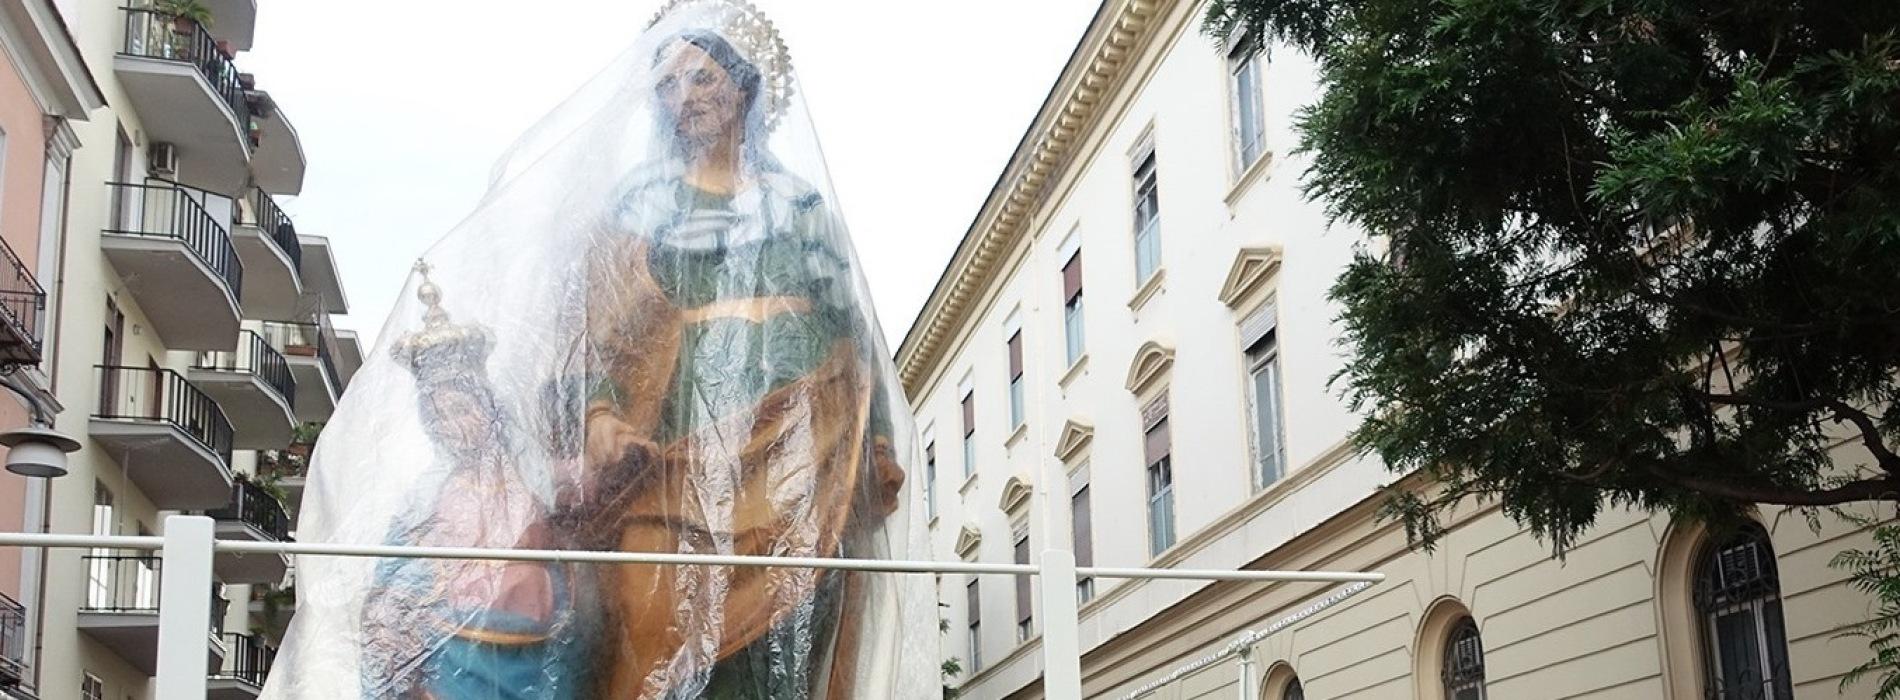 Sant'Anna. Il maltempo non ferma le celebrazioni in città